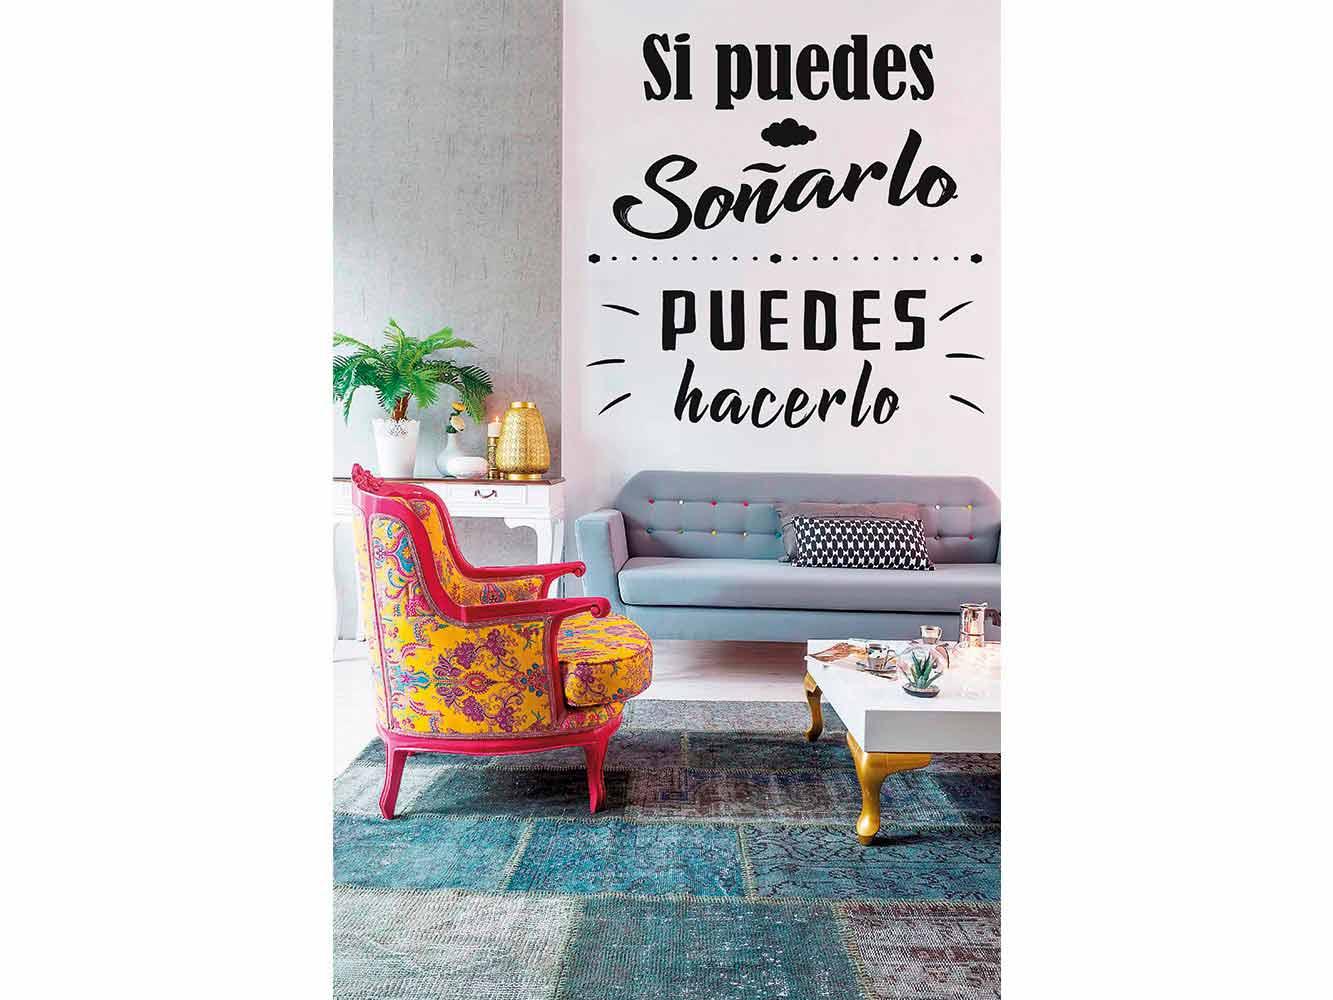 Vinilo Frases Si Puedes Soñarlo | Carteles XXL - Impresión carteleria publicitaria